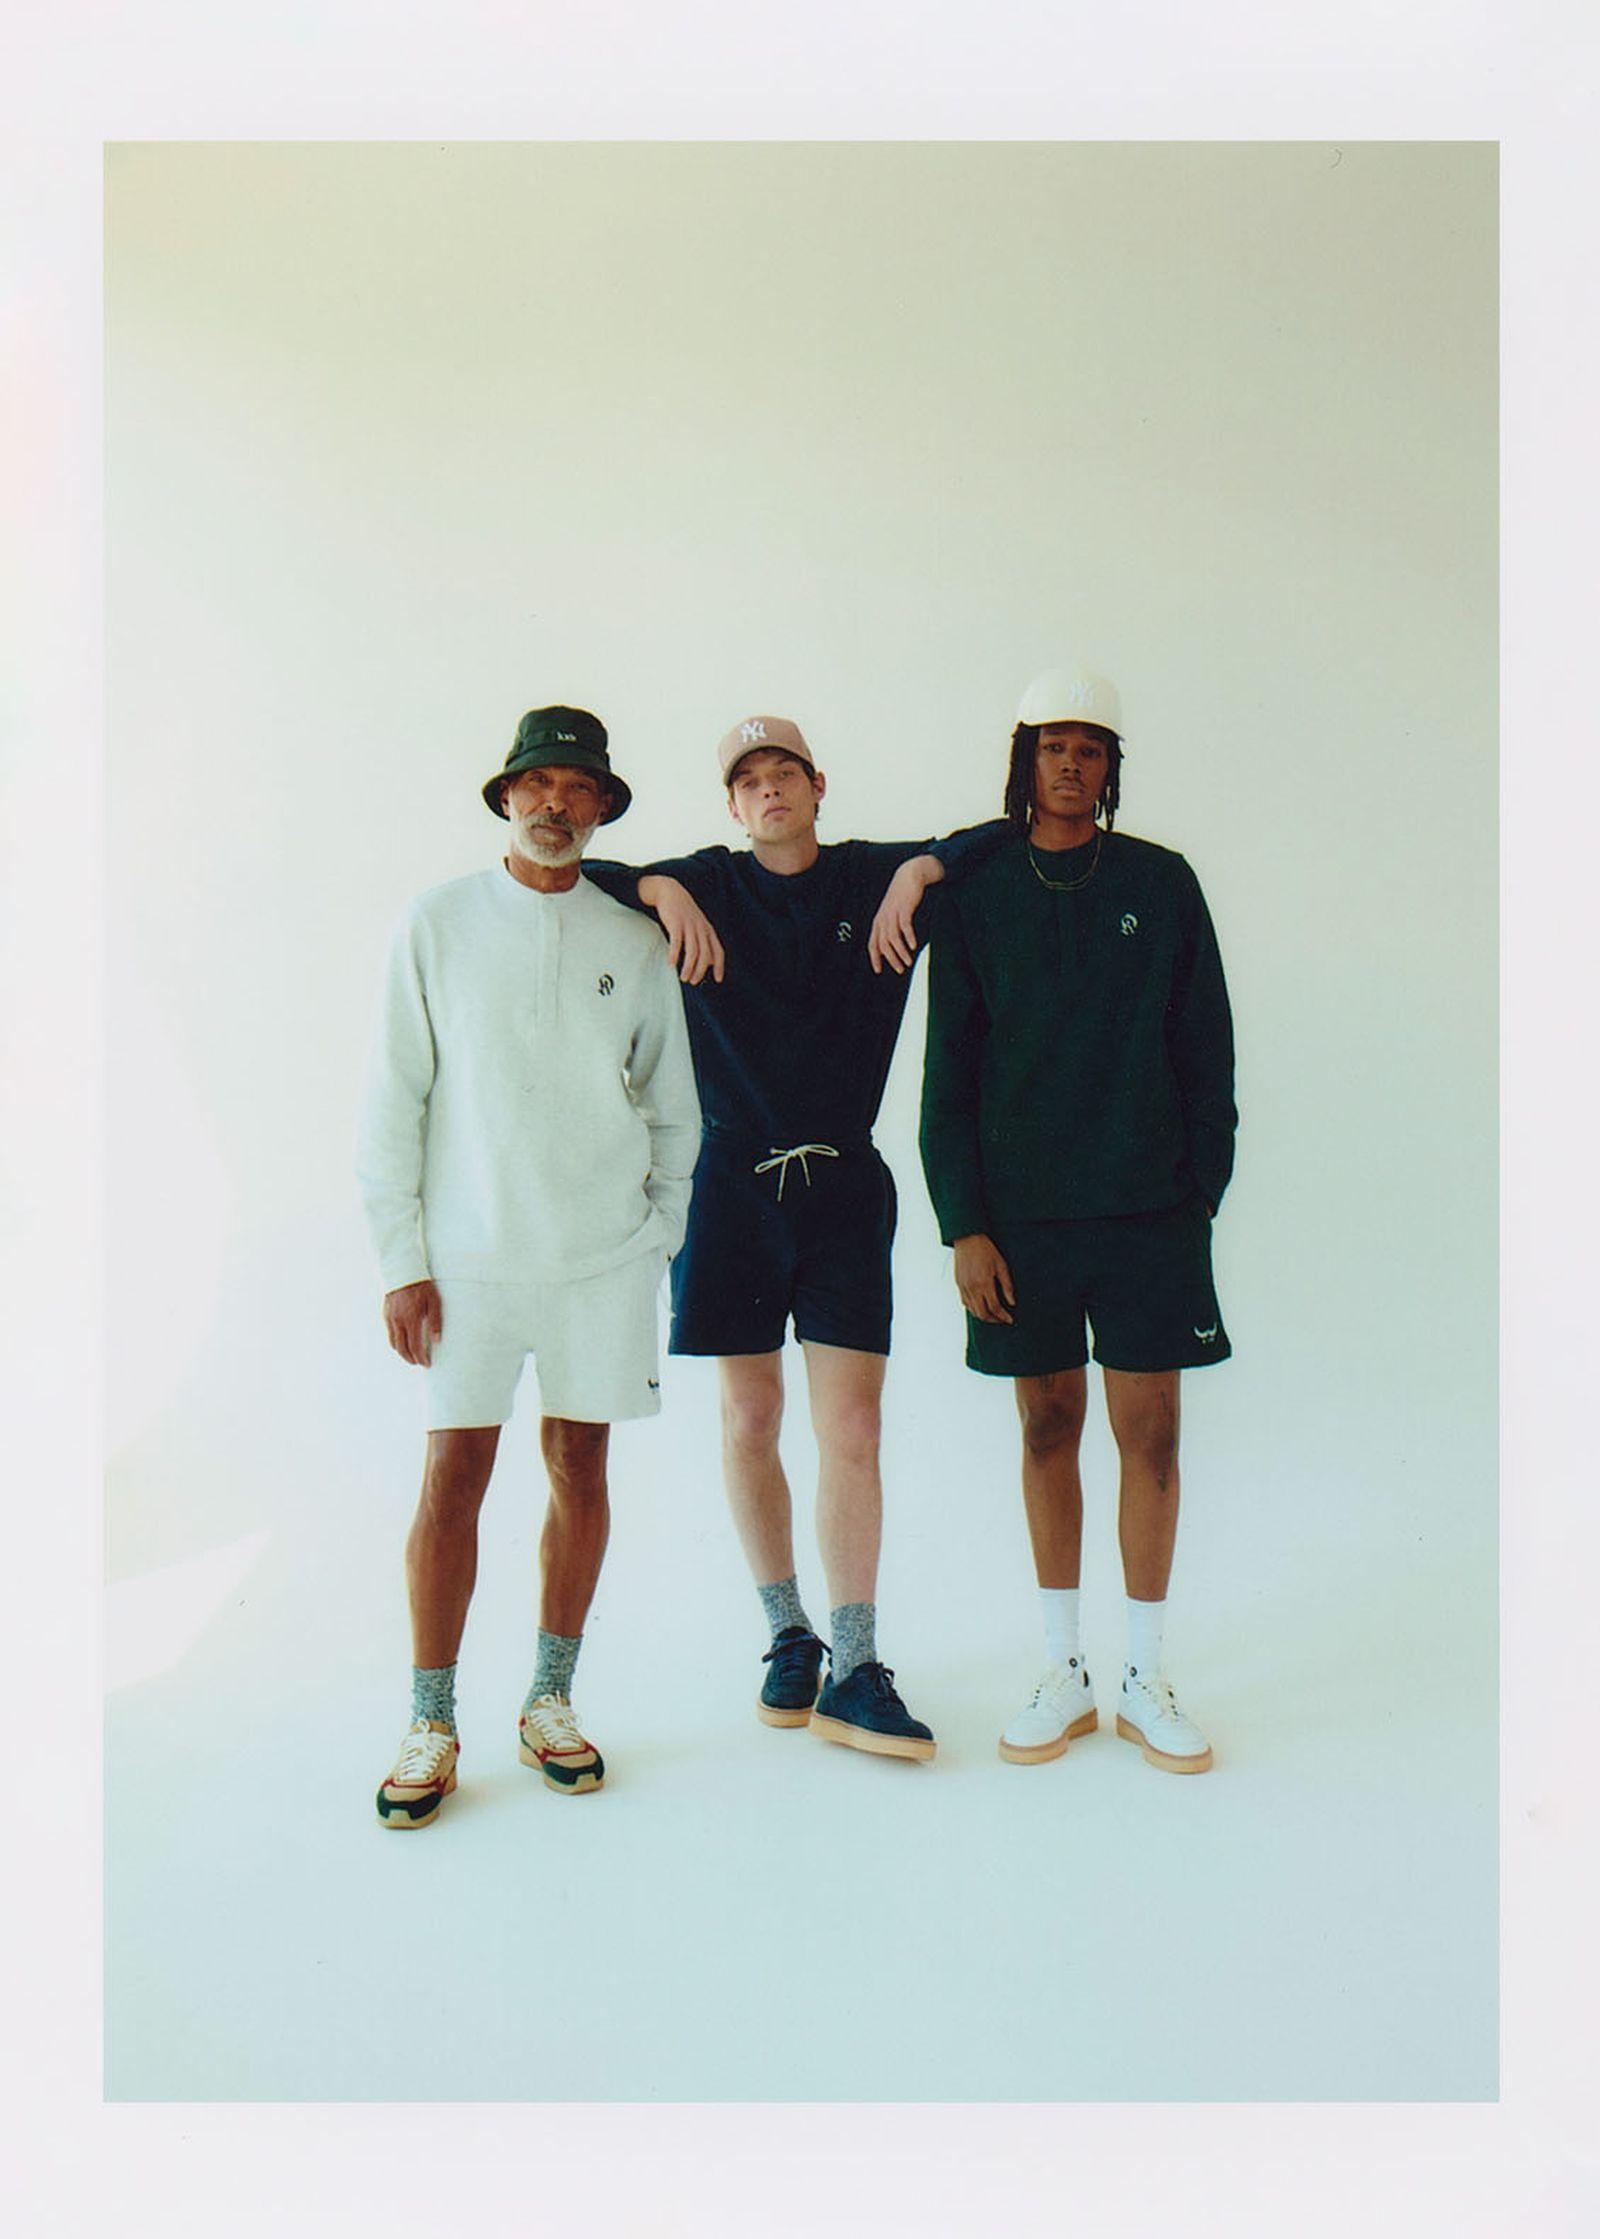 ronnie-fieg-clarks-originals-8th-street-lookbook-08